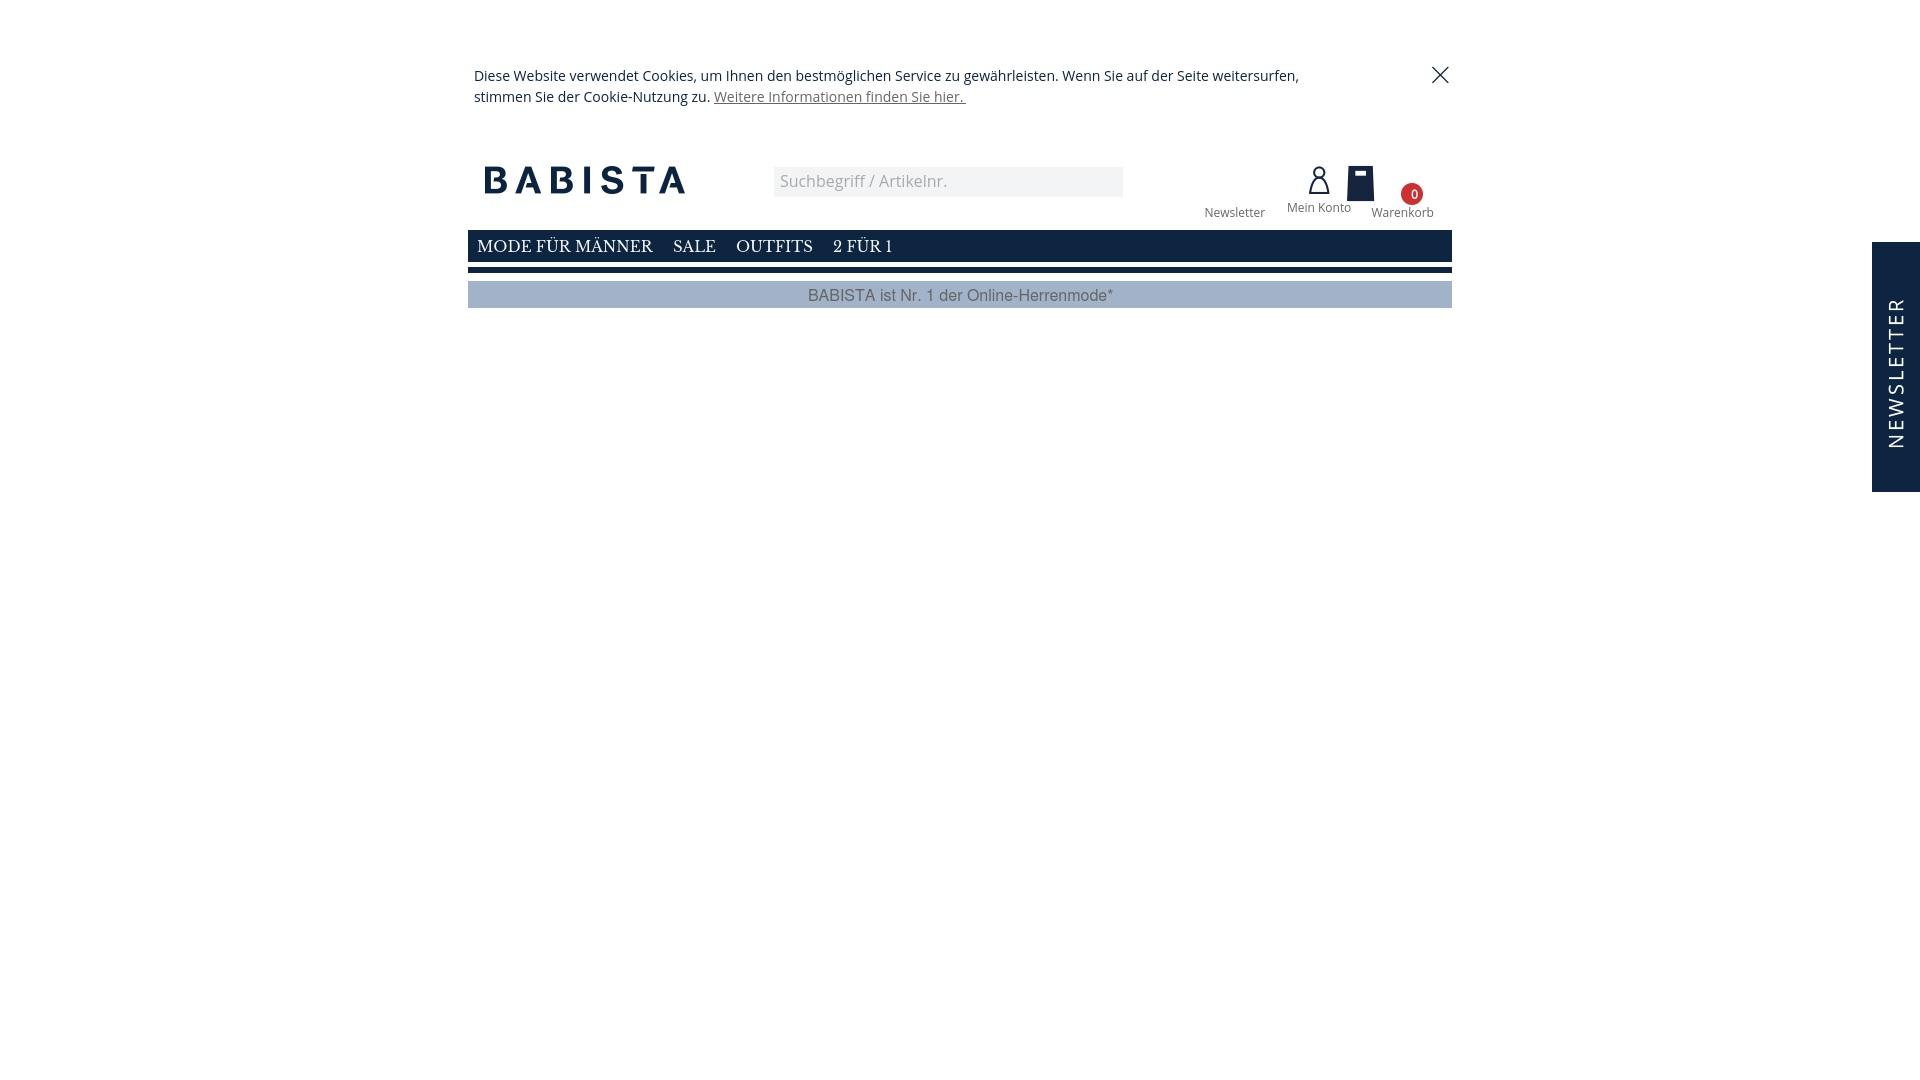 Geld zurück bei Babista: Jetzt im April 2021 Cashback für Babista sichern